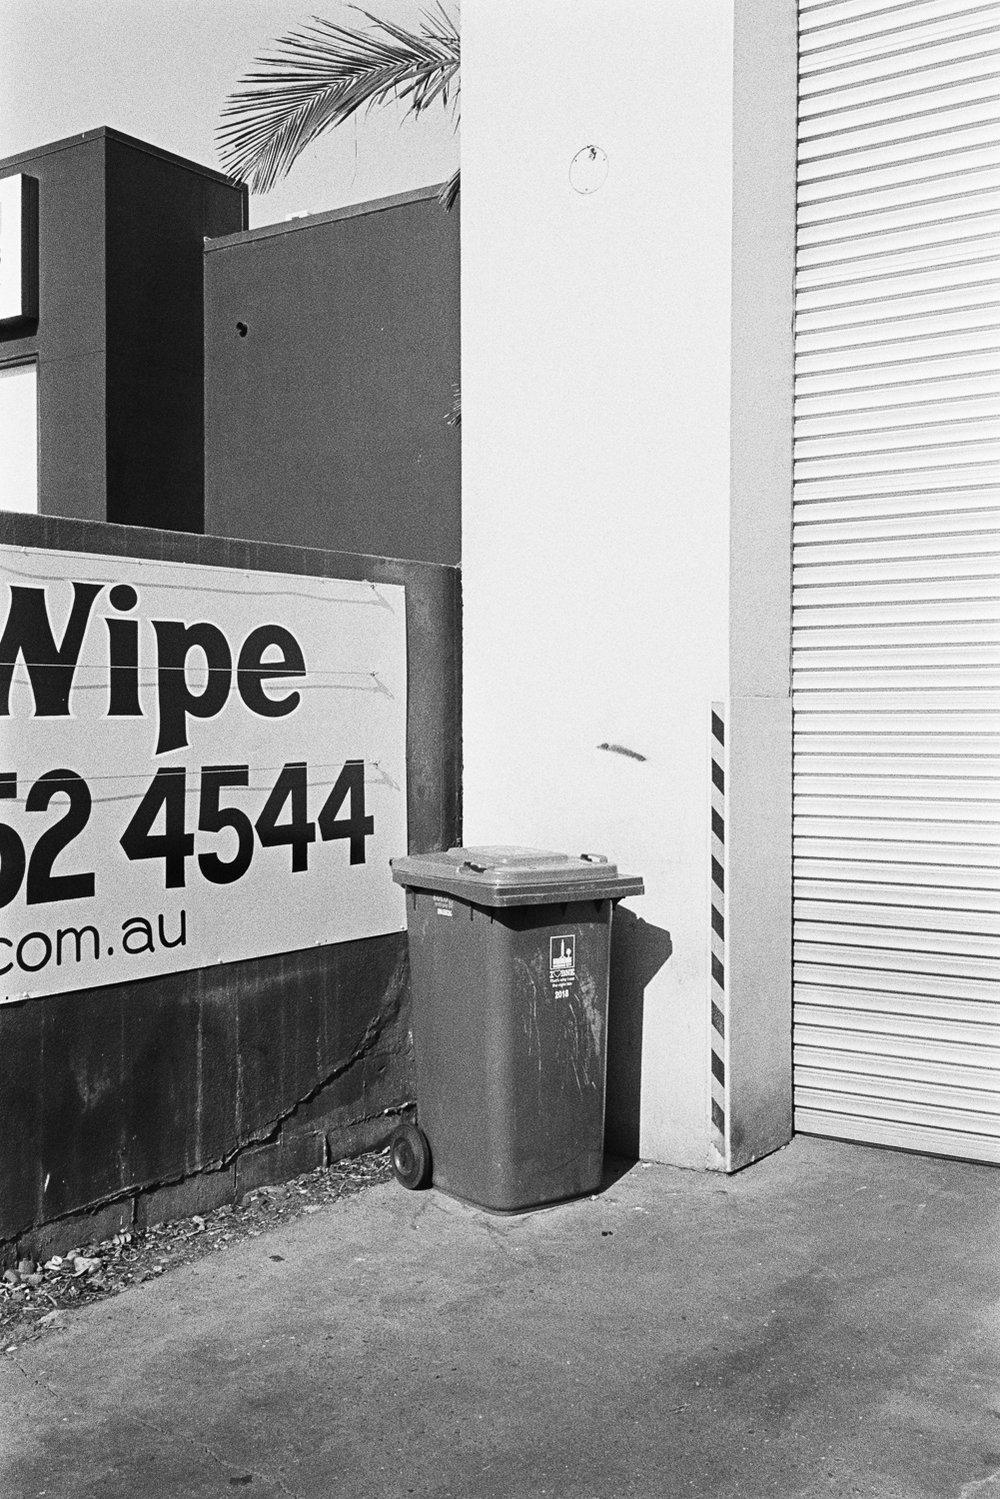 Oh, bins.